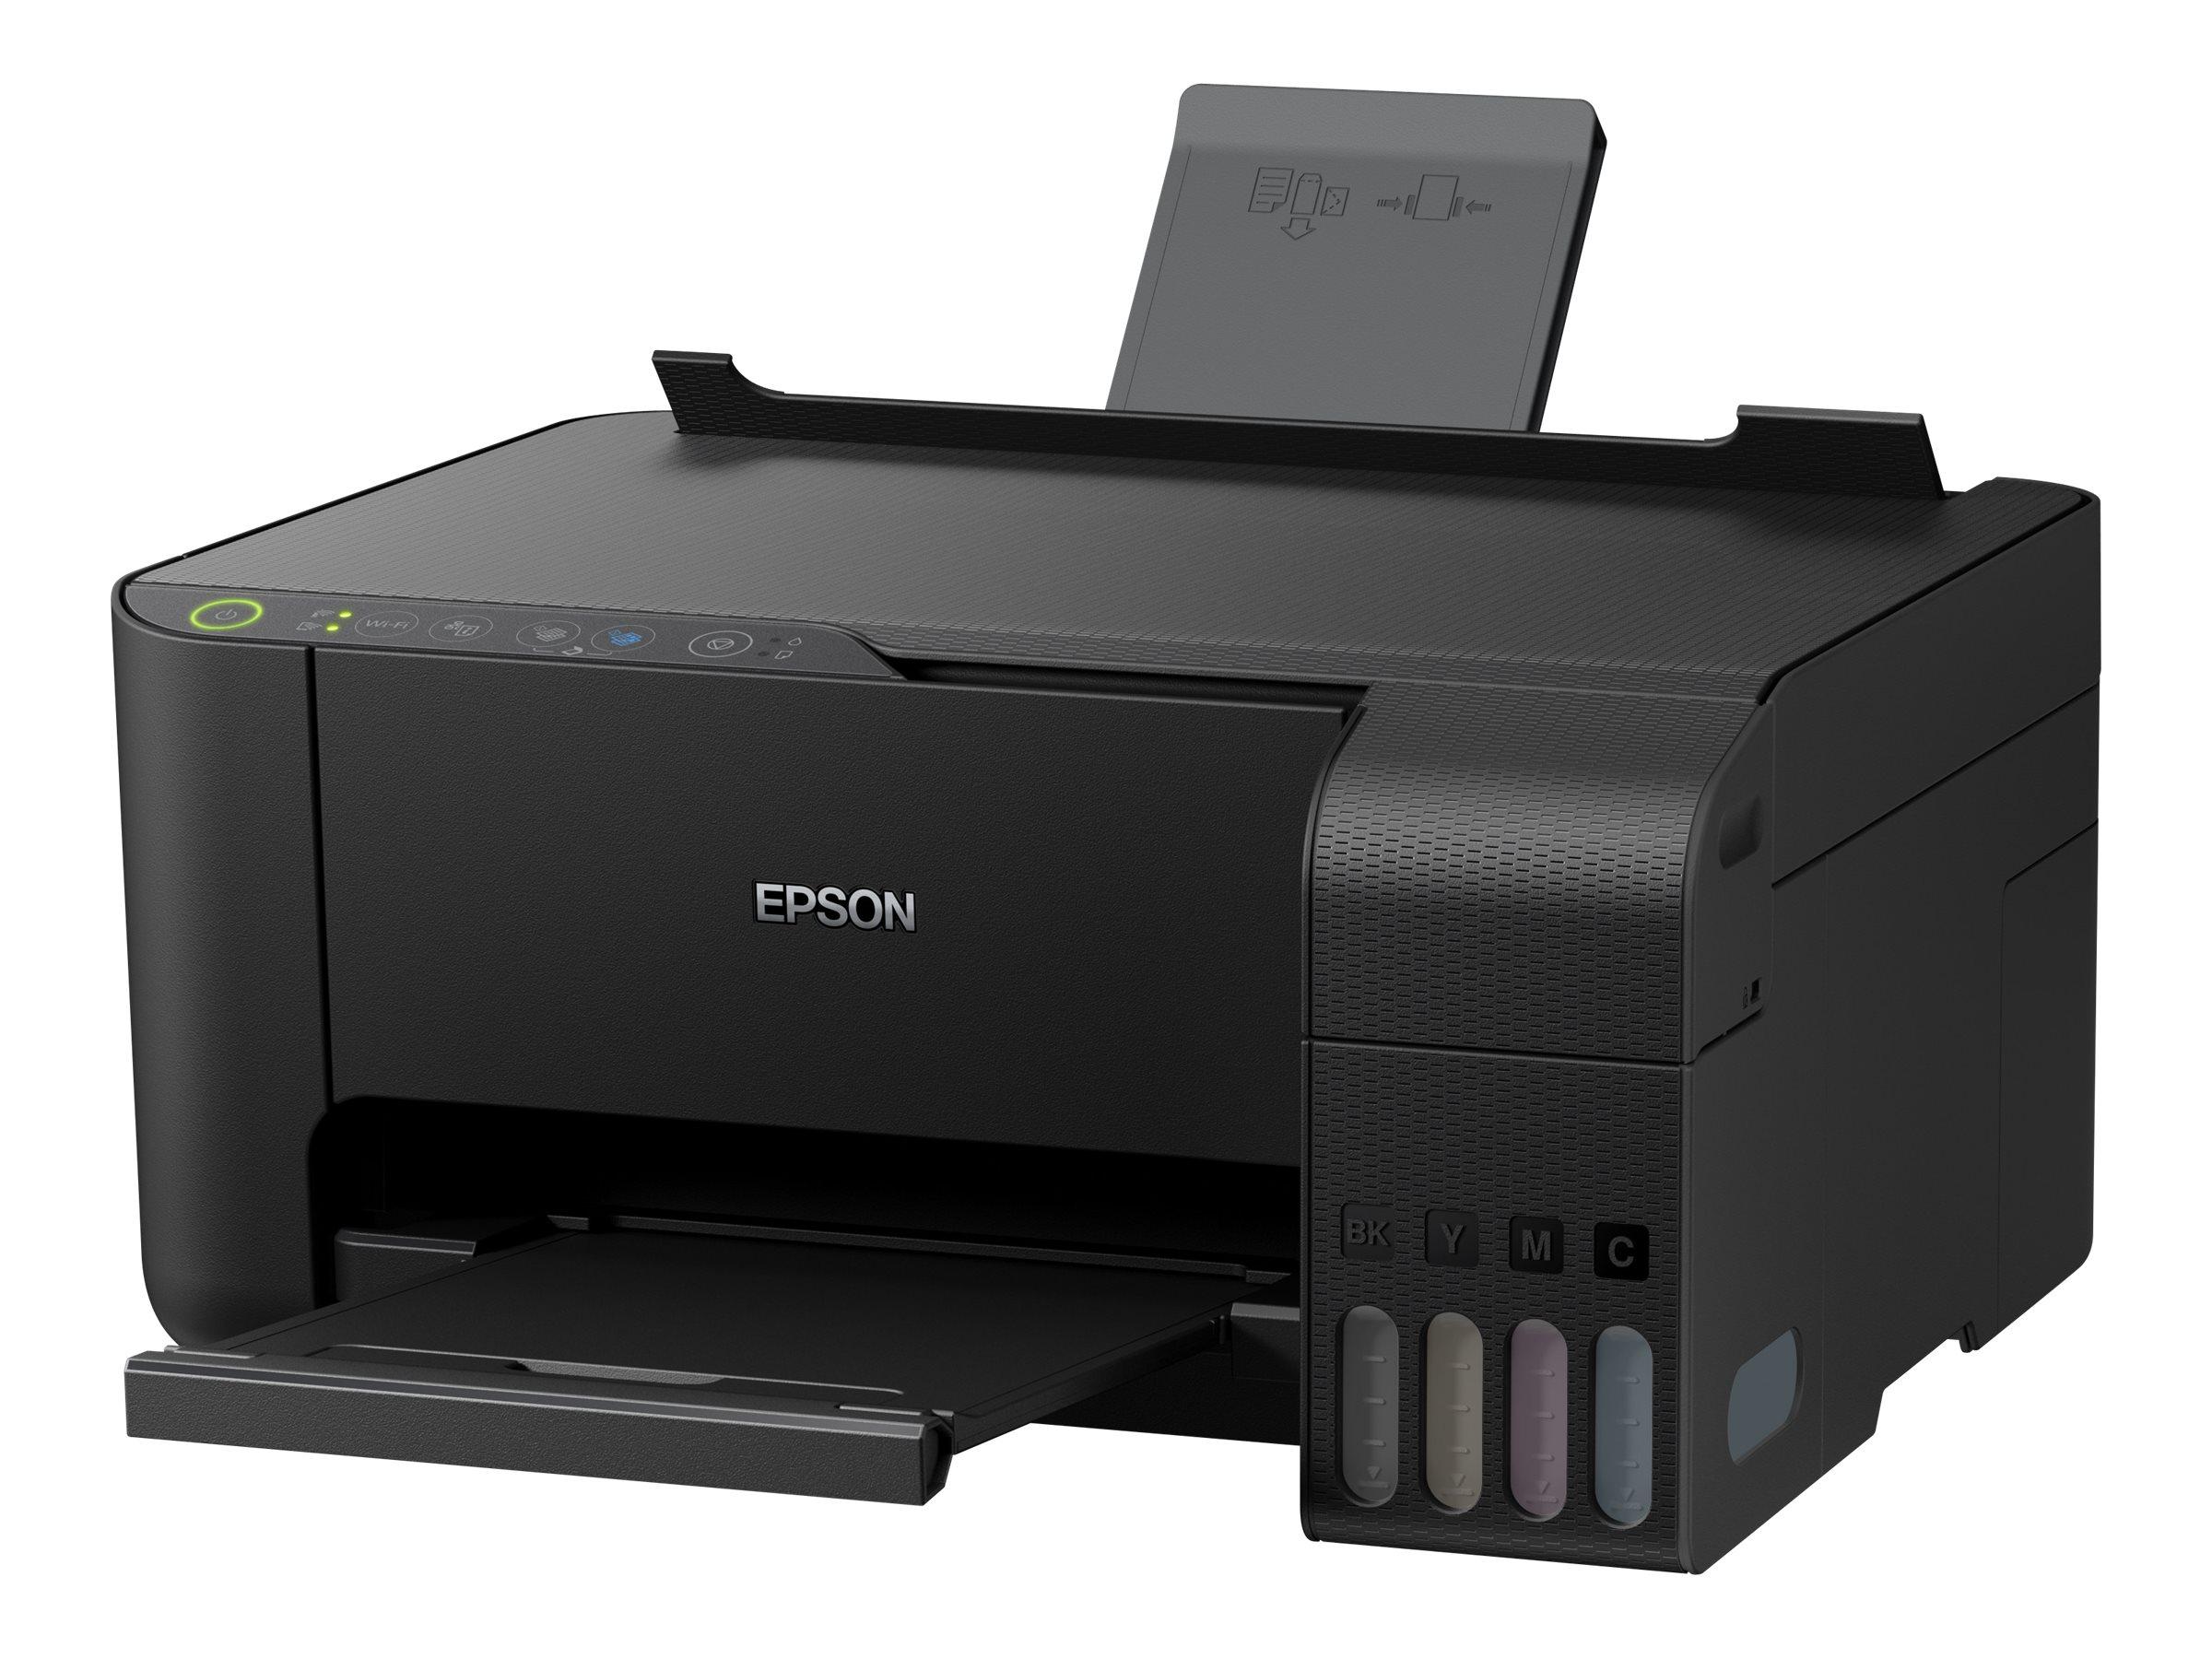 Epson EcoTank ET-2710 - Multifunktionsdrucker - Farbe - Tintenstrahl - A4/Legal (Medien) - bis zu 33 Seiten/Min. (Drucken)